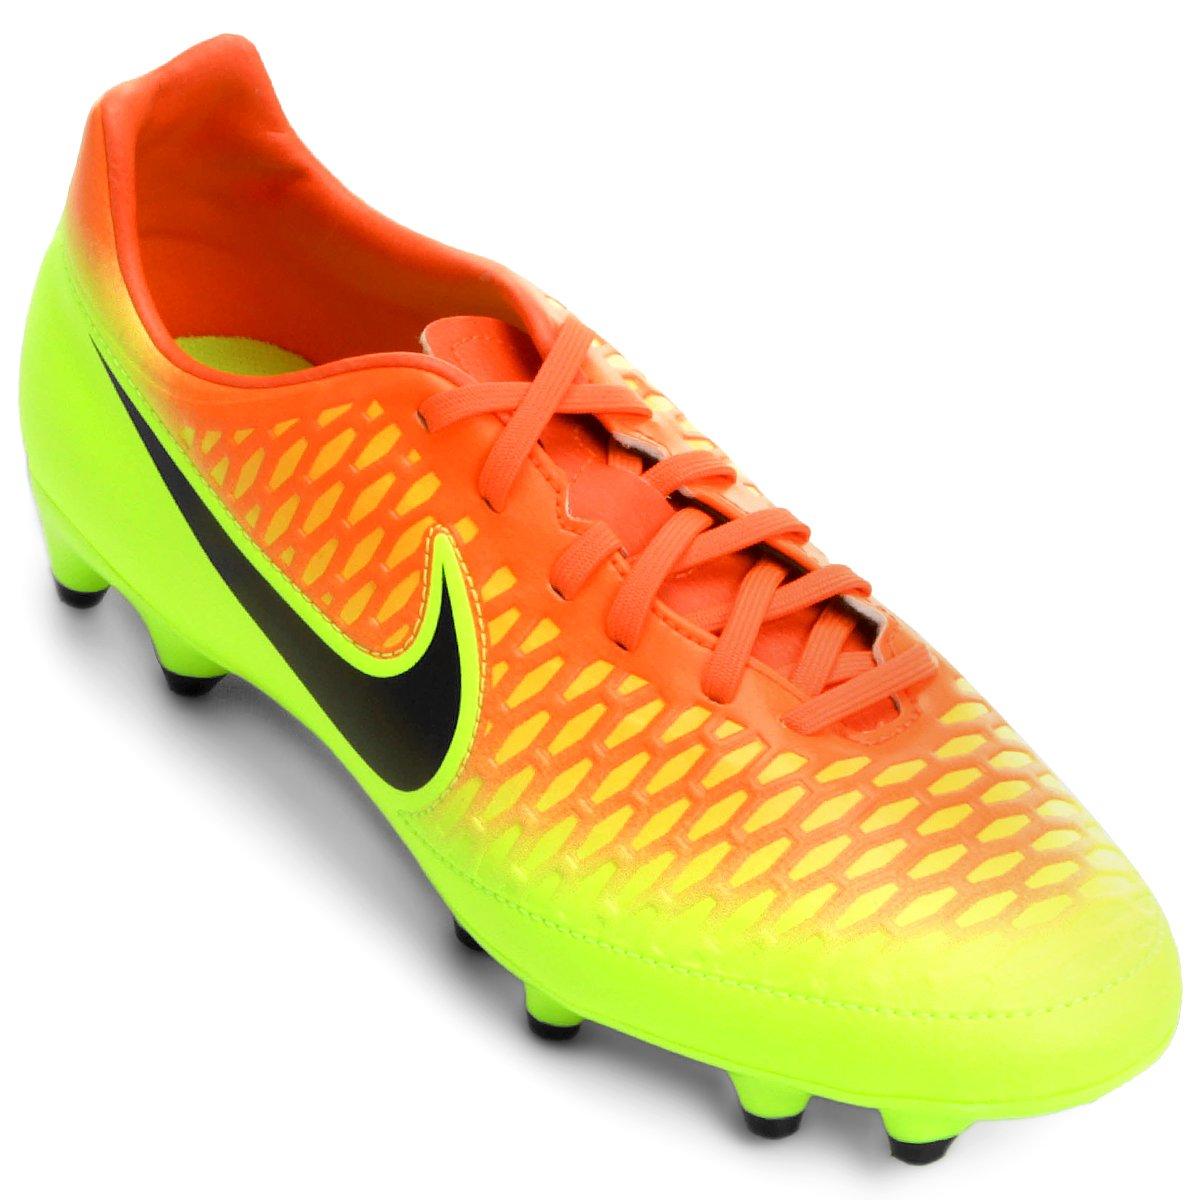 Chuteira Nike Magista Onda FG Campo - Compre Agora  9a4088907115c